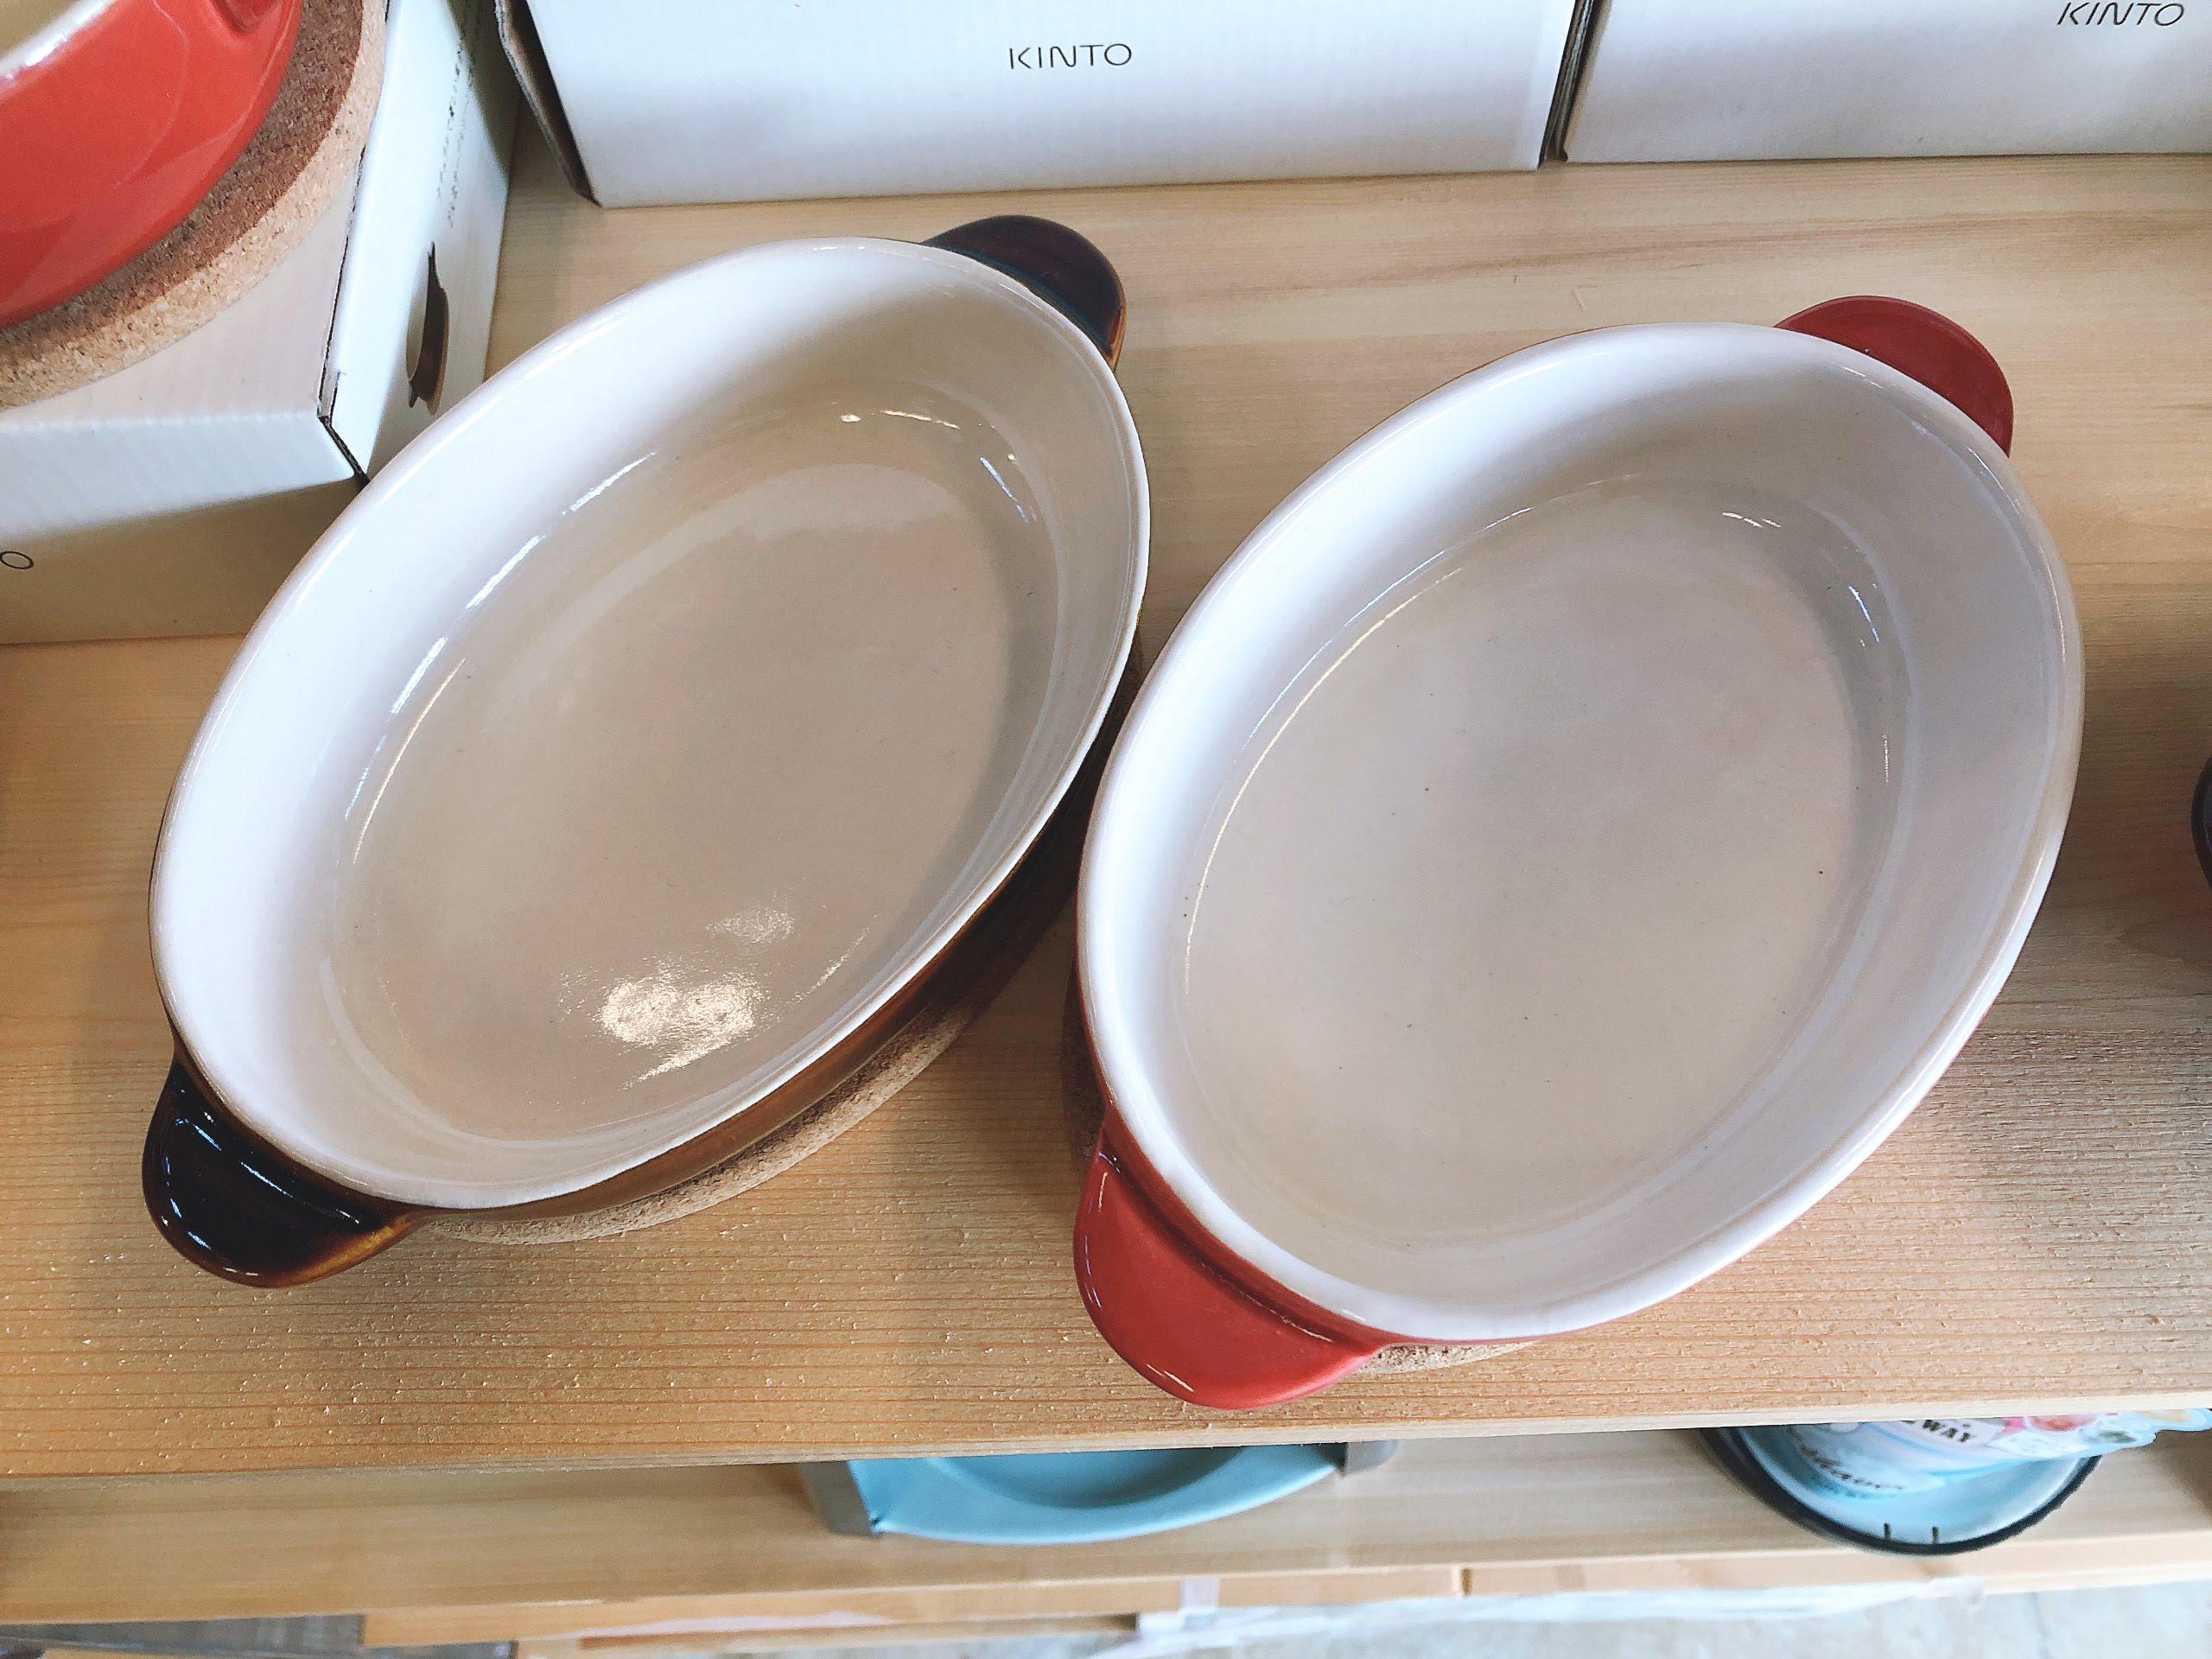 キント―  丸グラタン皿・オーバルグラタン皿・スープボウル 雑貨売り切り特価の画像6